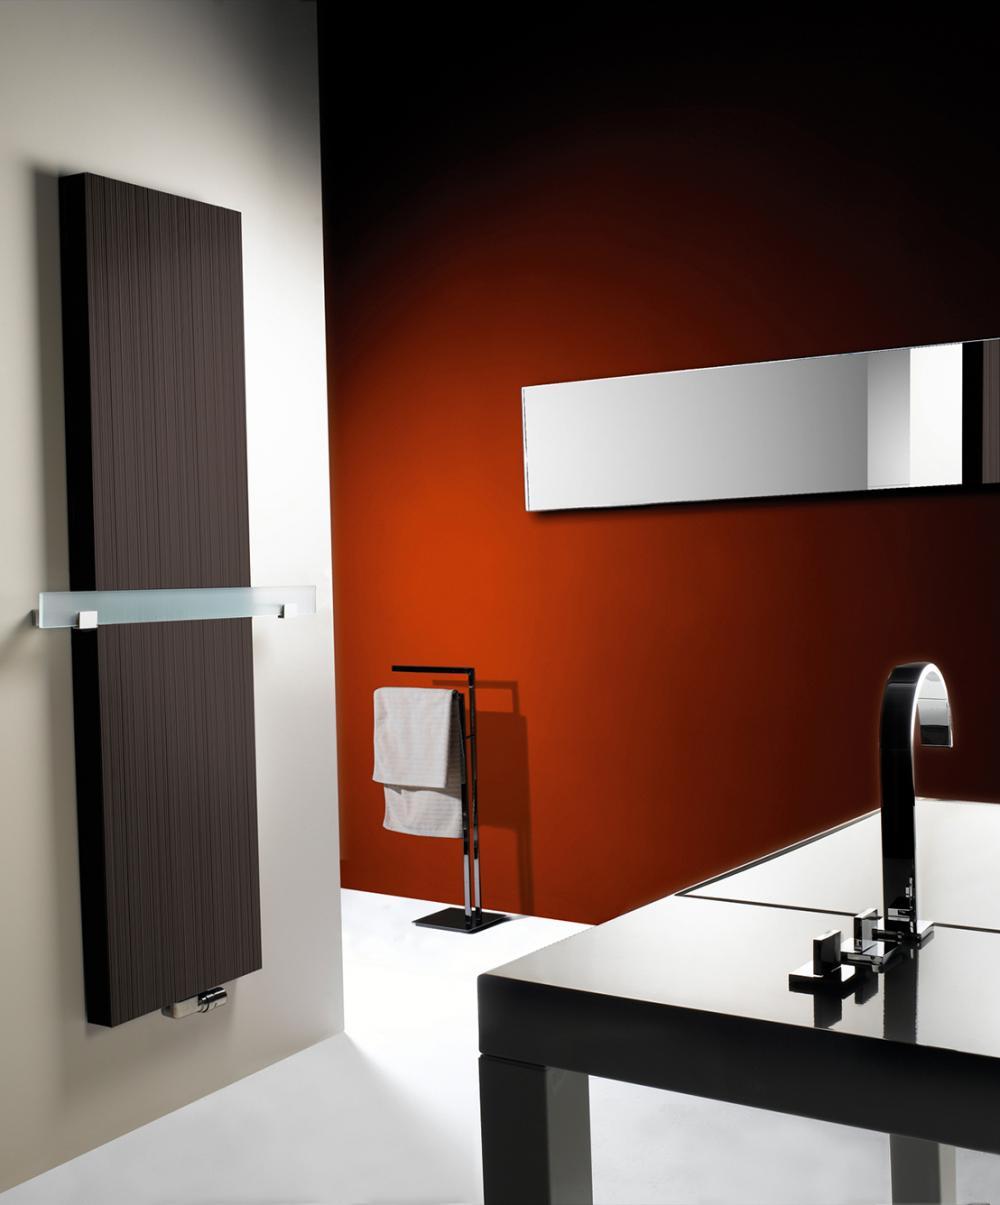 Calorifere decorative aluminiu Vasco Bryce 2200x525 mm, 2270 W